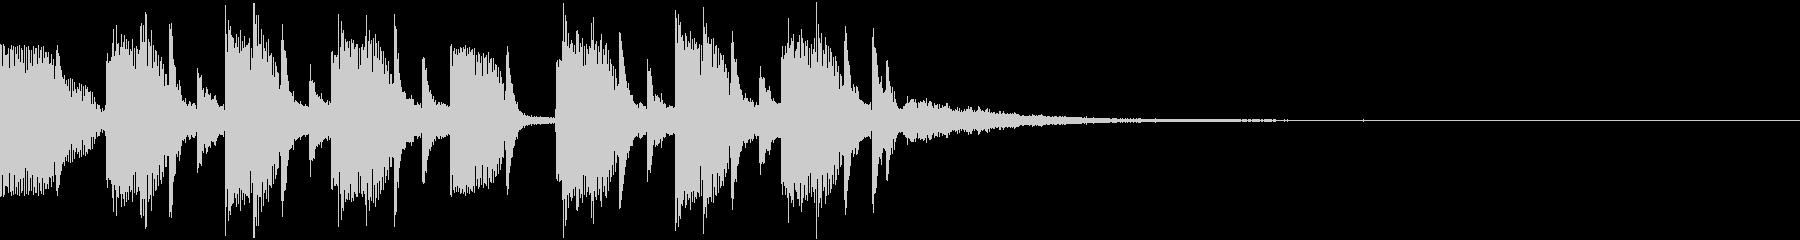 キャッチーノリノリEDMジングルの未再生の波形